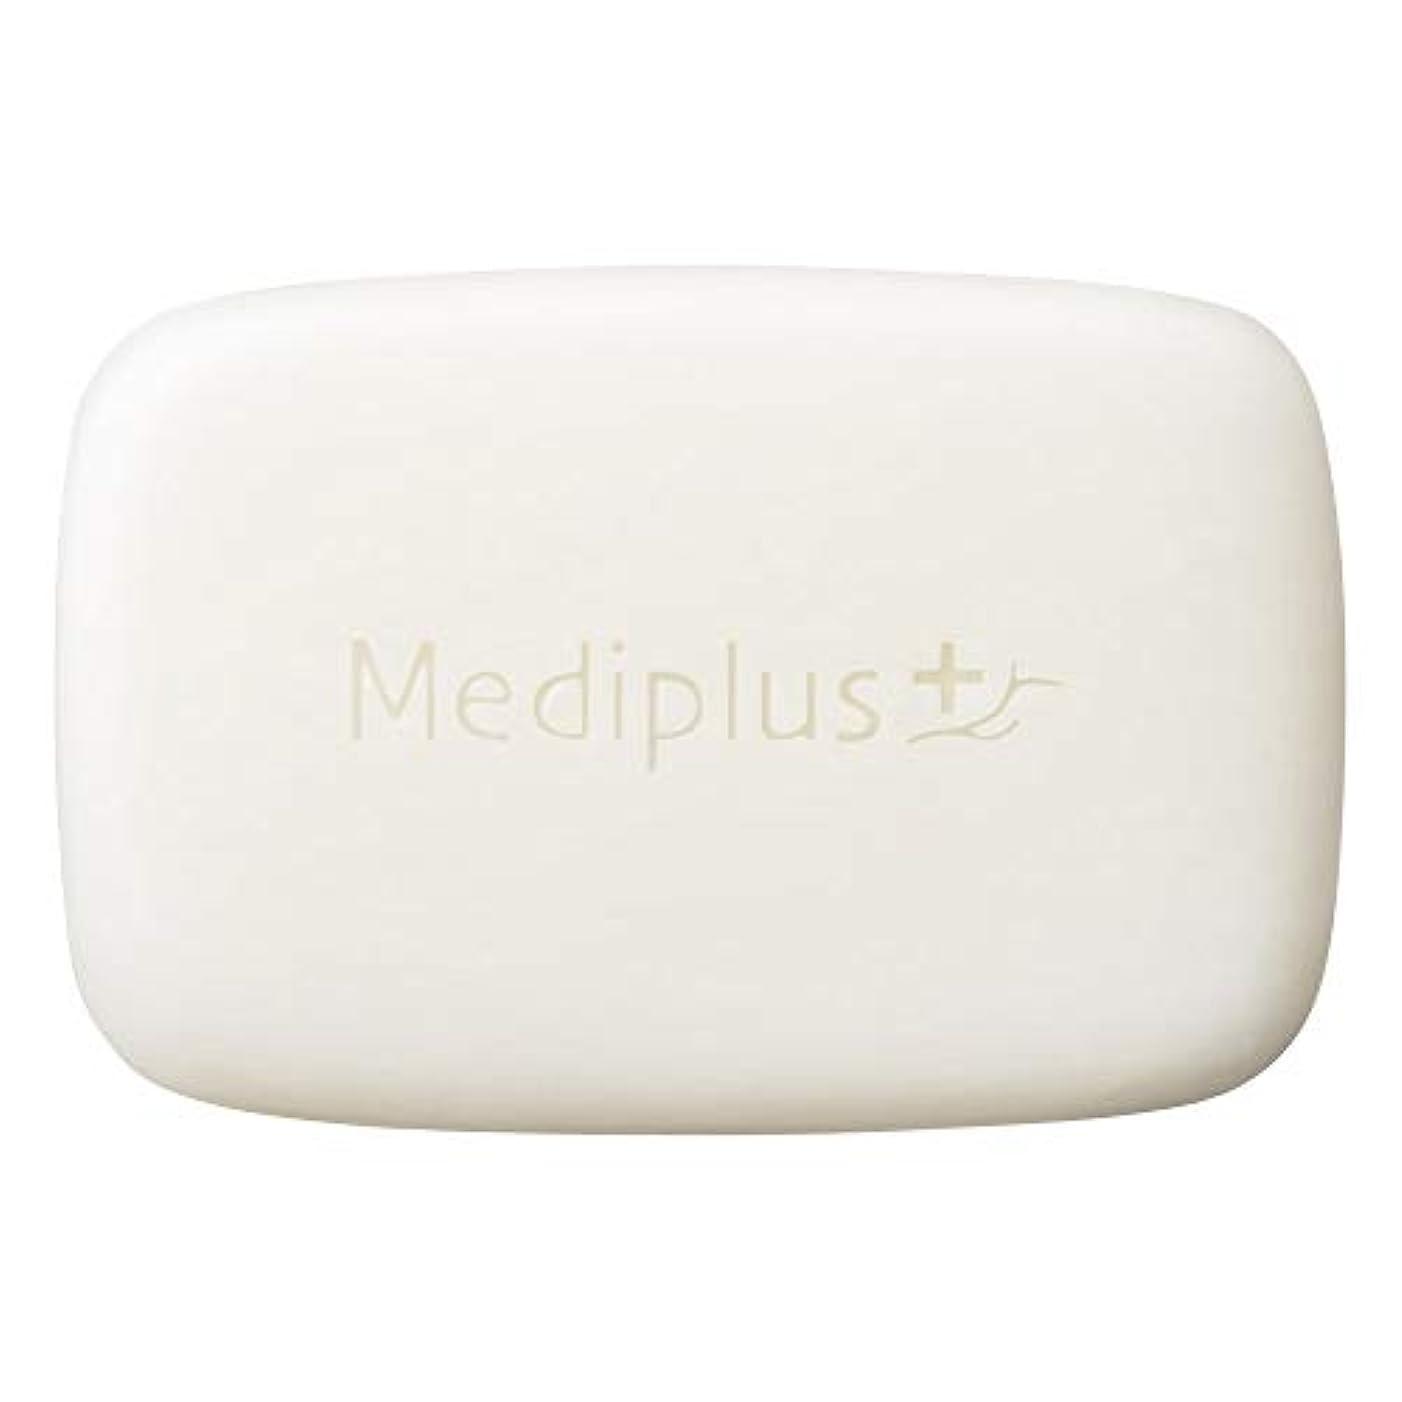 合わせて降雨人間mediplus メディプラス オイルクリームソープ 60g(約2か月分)